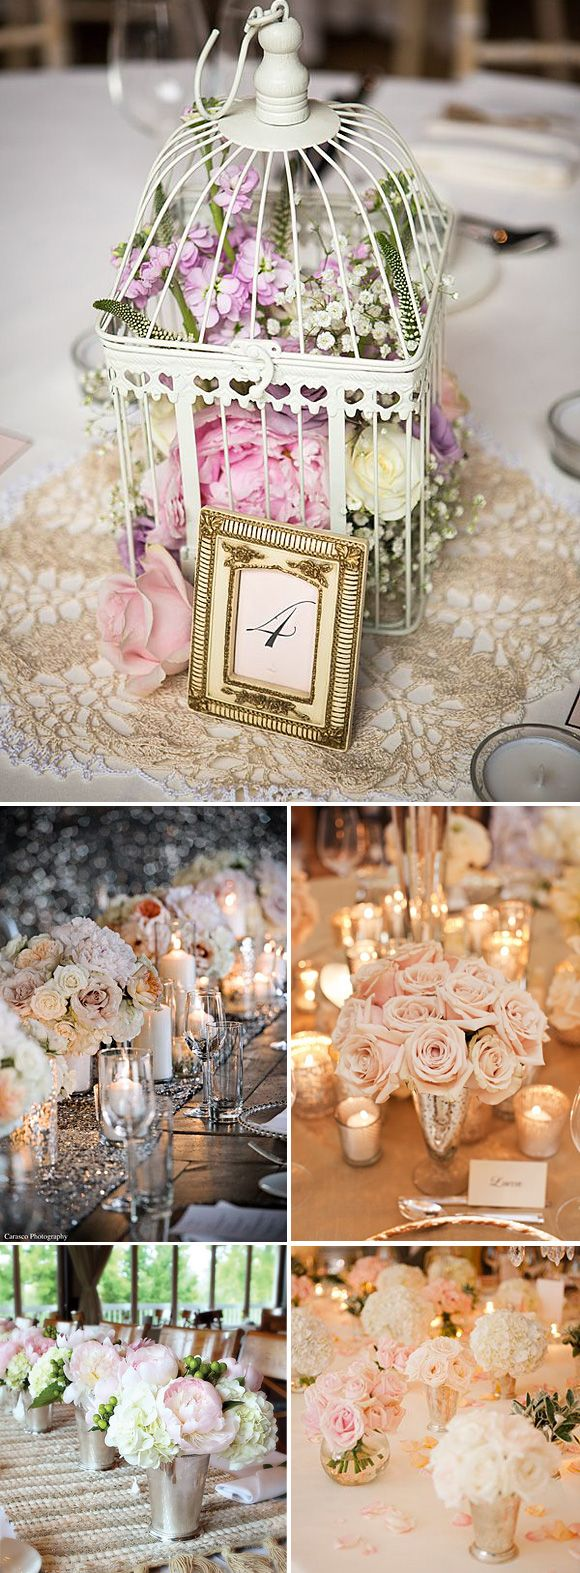 adornos para bodas con grandes ejemplos comprubalo bodas de